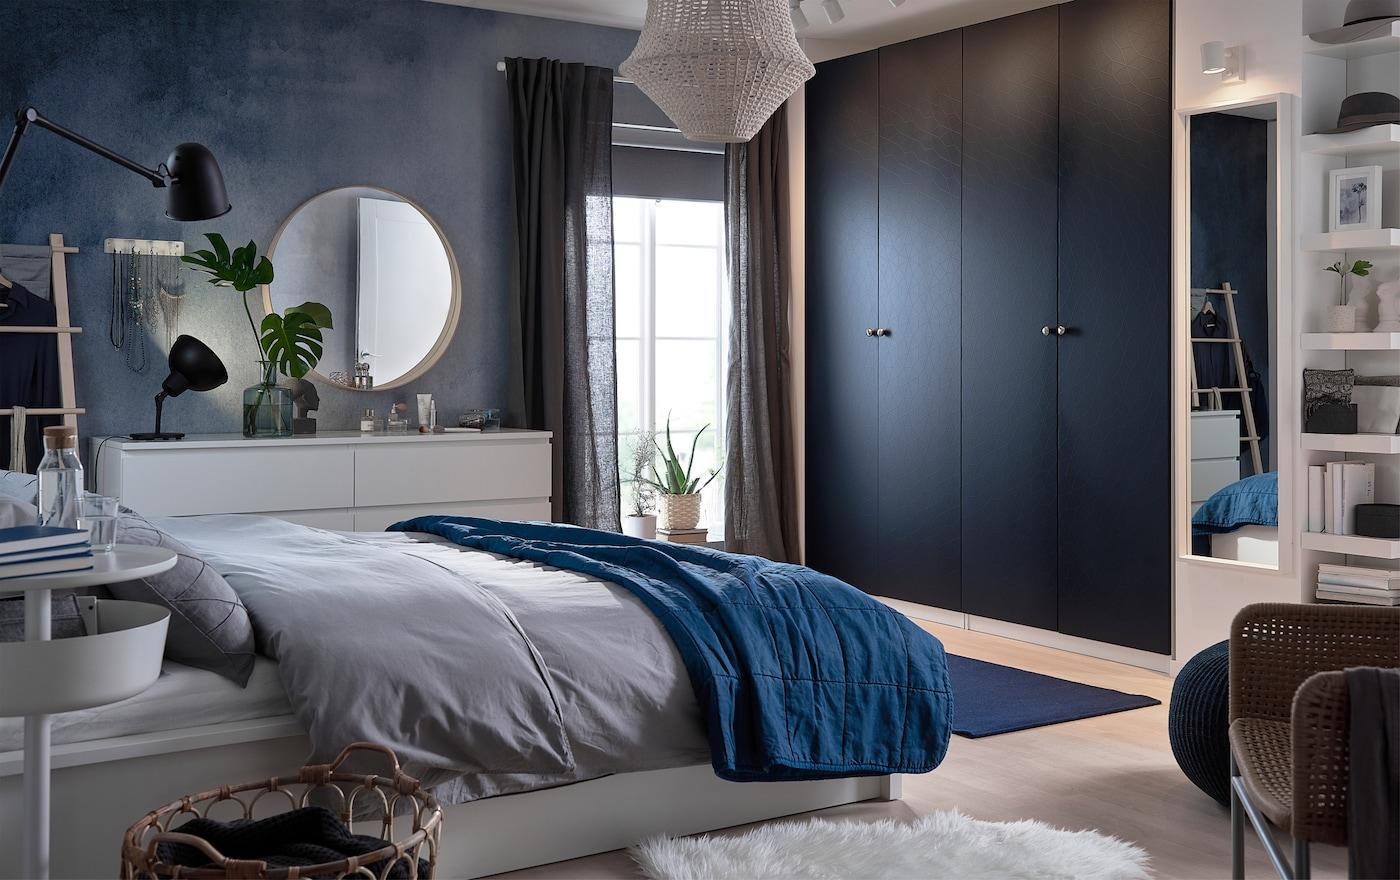 ikea bedroom designer tool